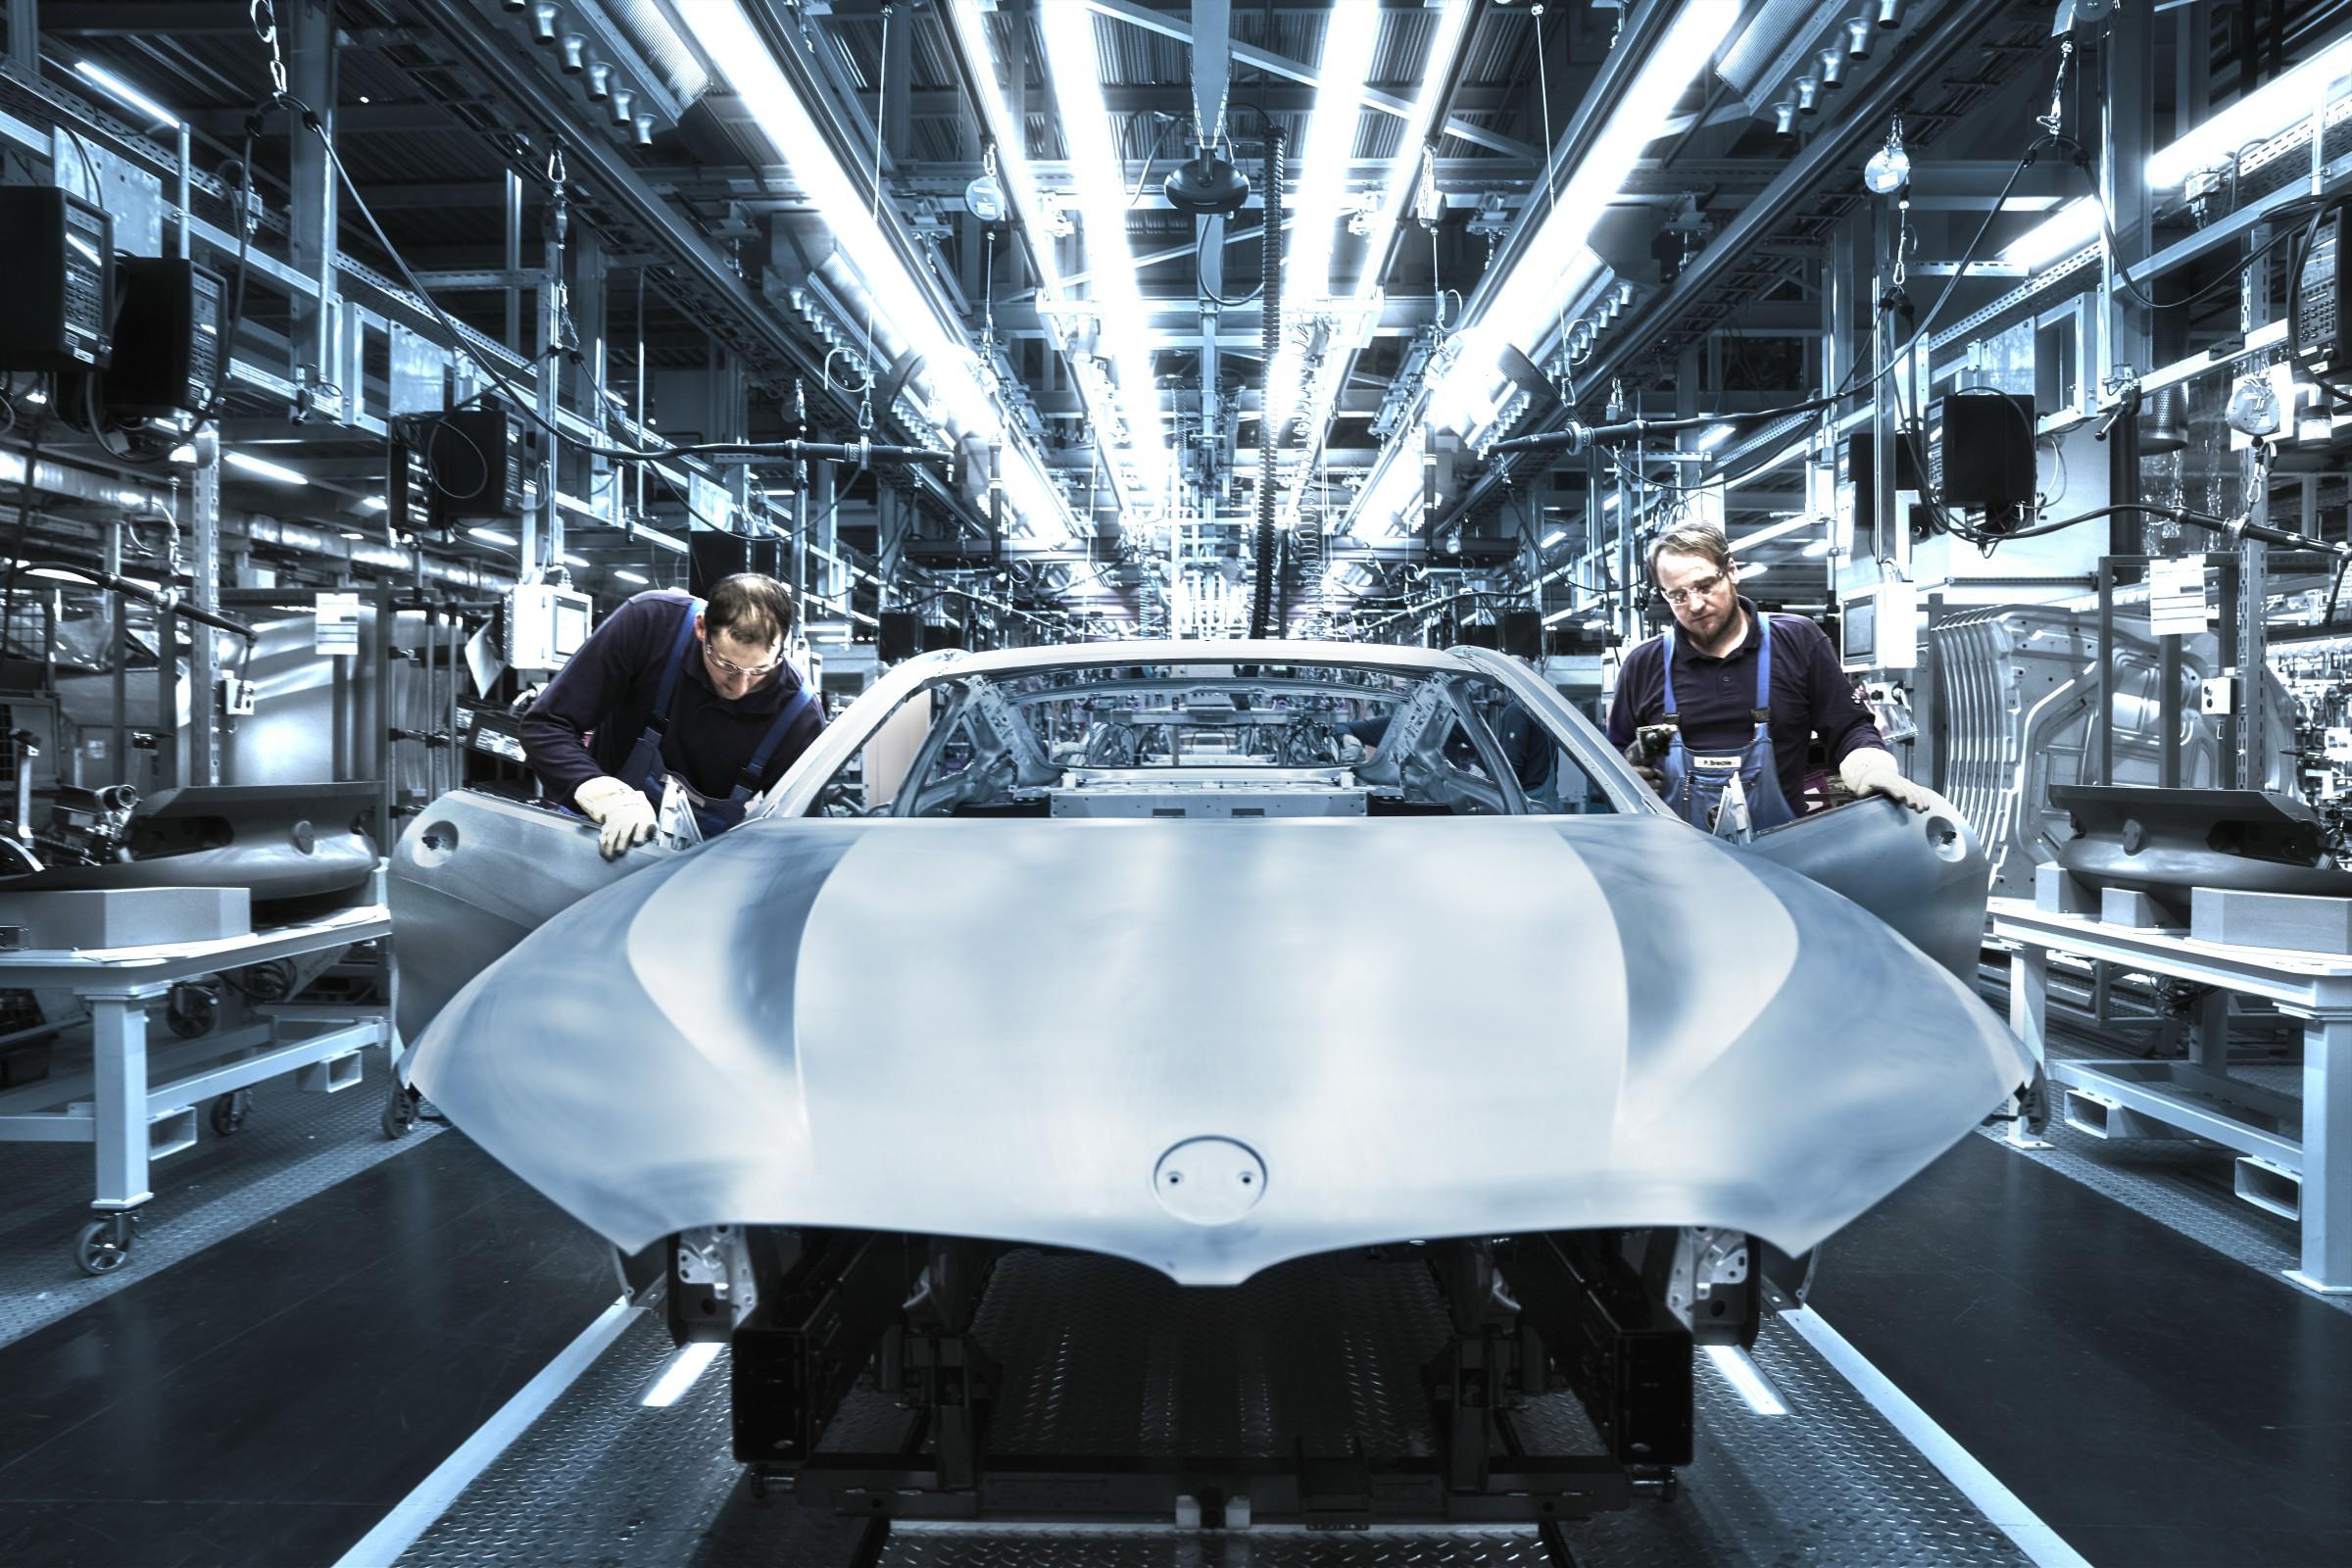 Inédito BMW Série 8 faz sua estreia no Brasil na forma de um cupê esportivo com um motor V8 de 530 cavalos de potência e muita tecnologia.